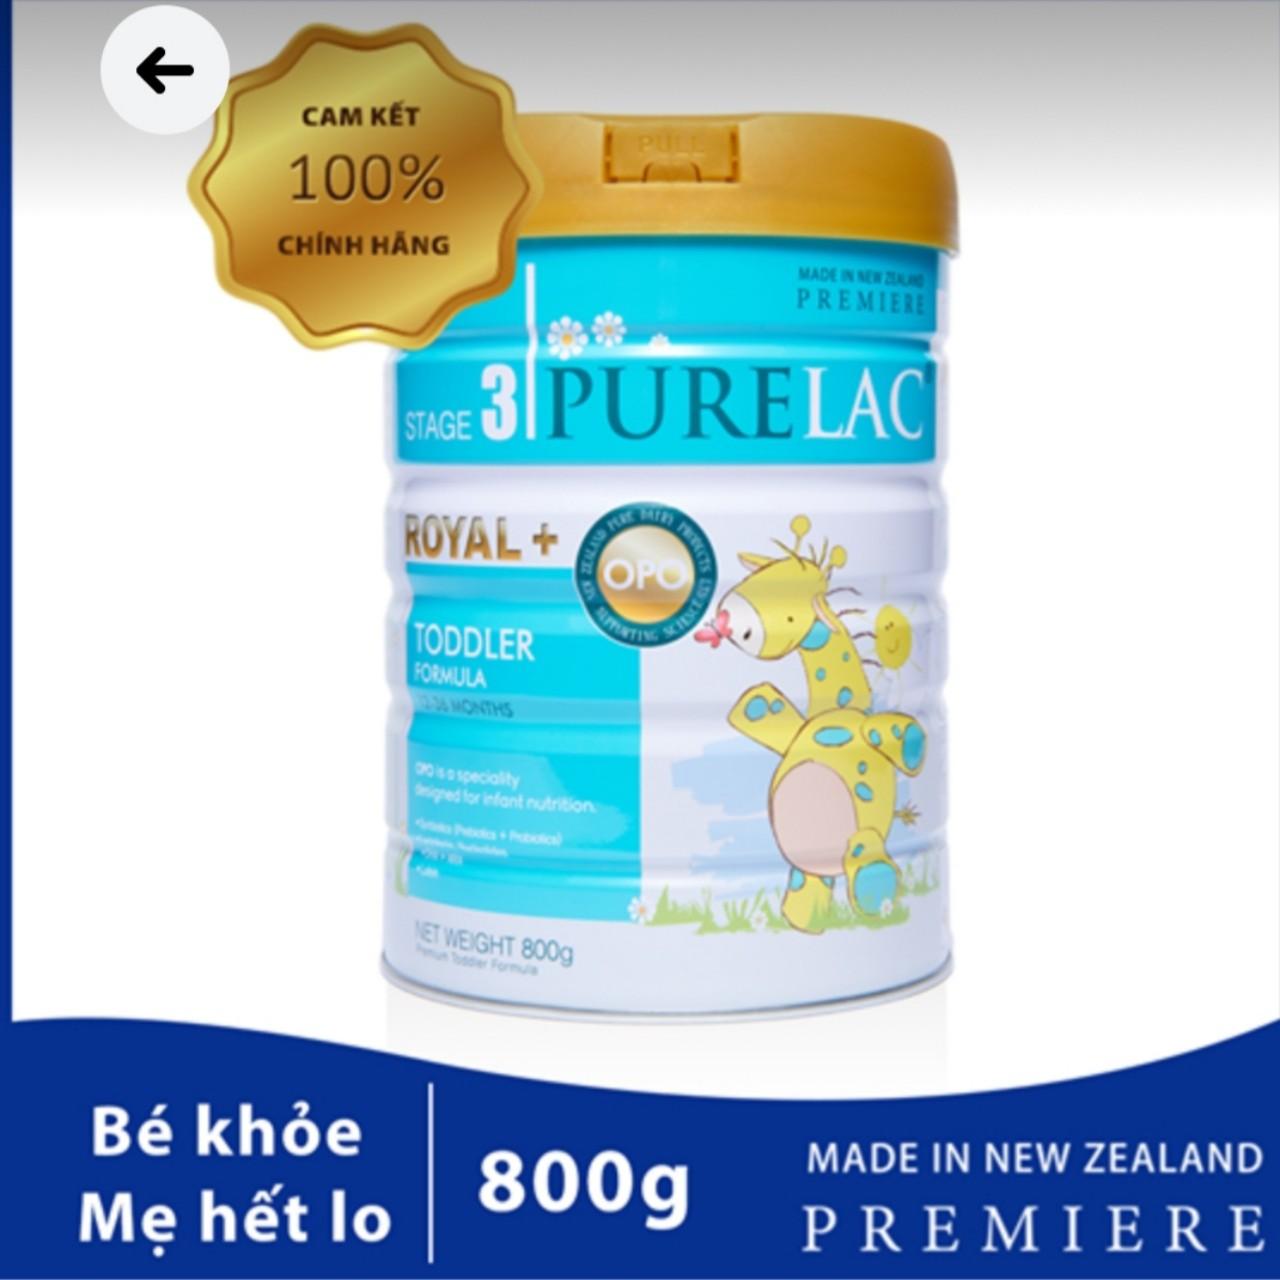 Sữa bột công thức PureLac Royal+ (Stage 3) hộp 800gr cho bé từ 12 dến 24 tháng